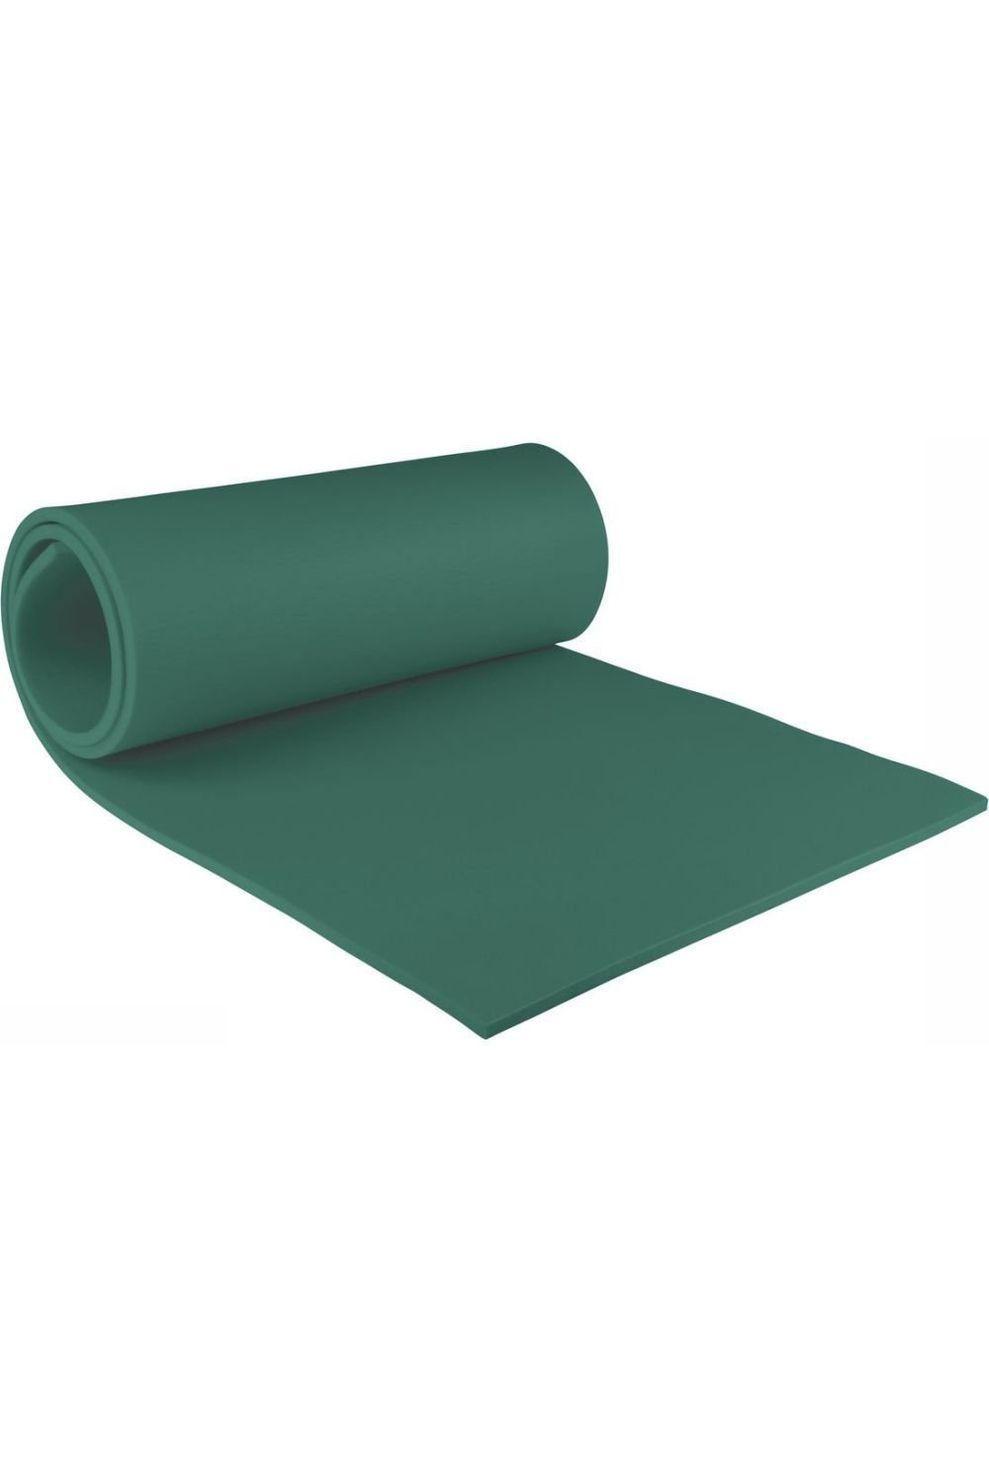 Bo-Camp Slaapmat Schuimmat 180 X 50 X 1,2 Cm - Groen